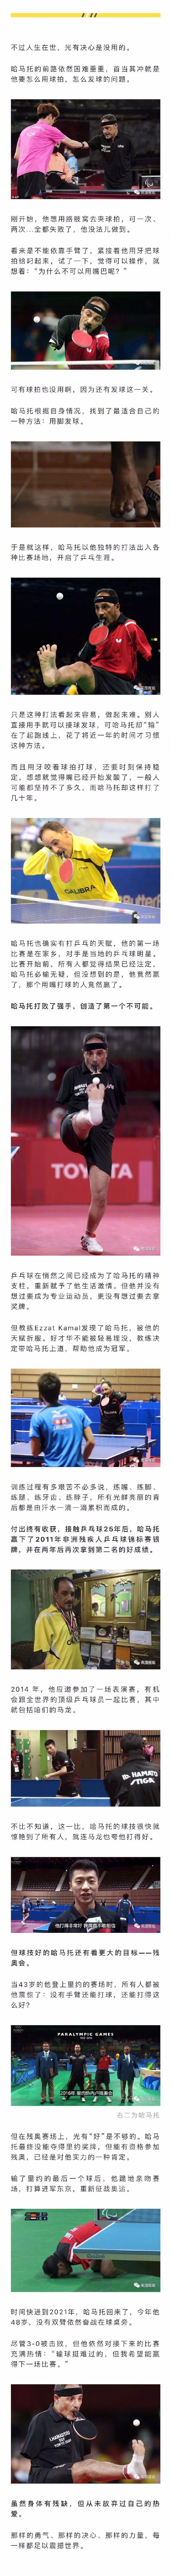 残奥会唯一用嘴打乒乓球的运动员易卜拉欣·哈马托